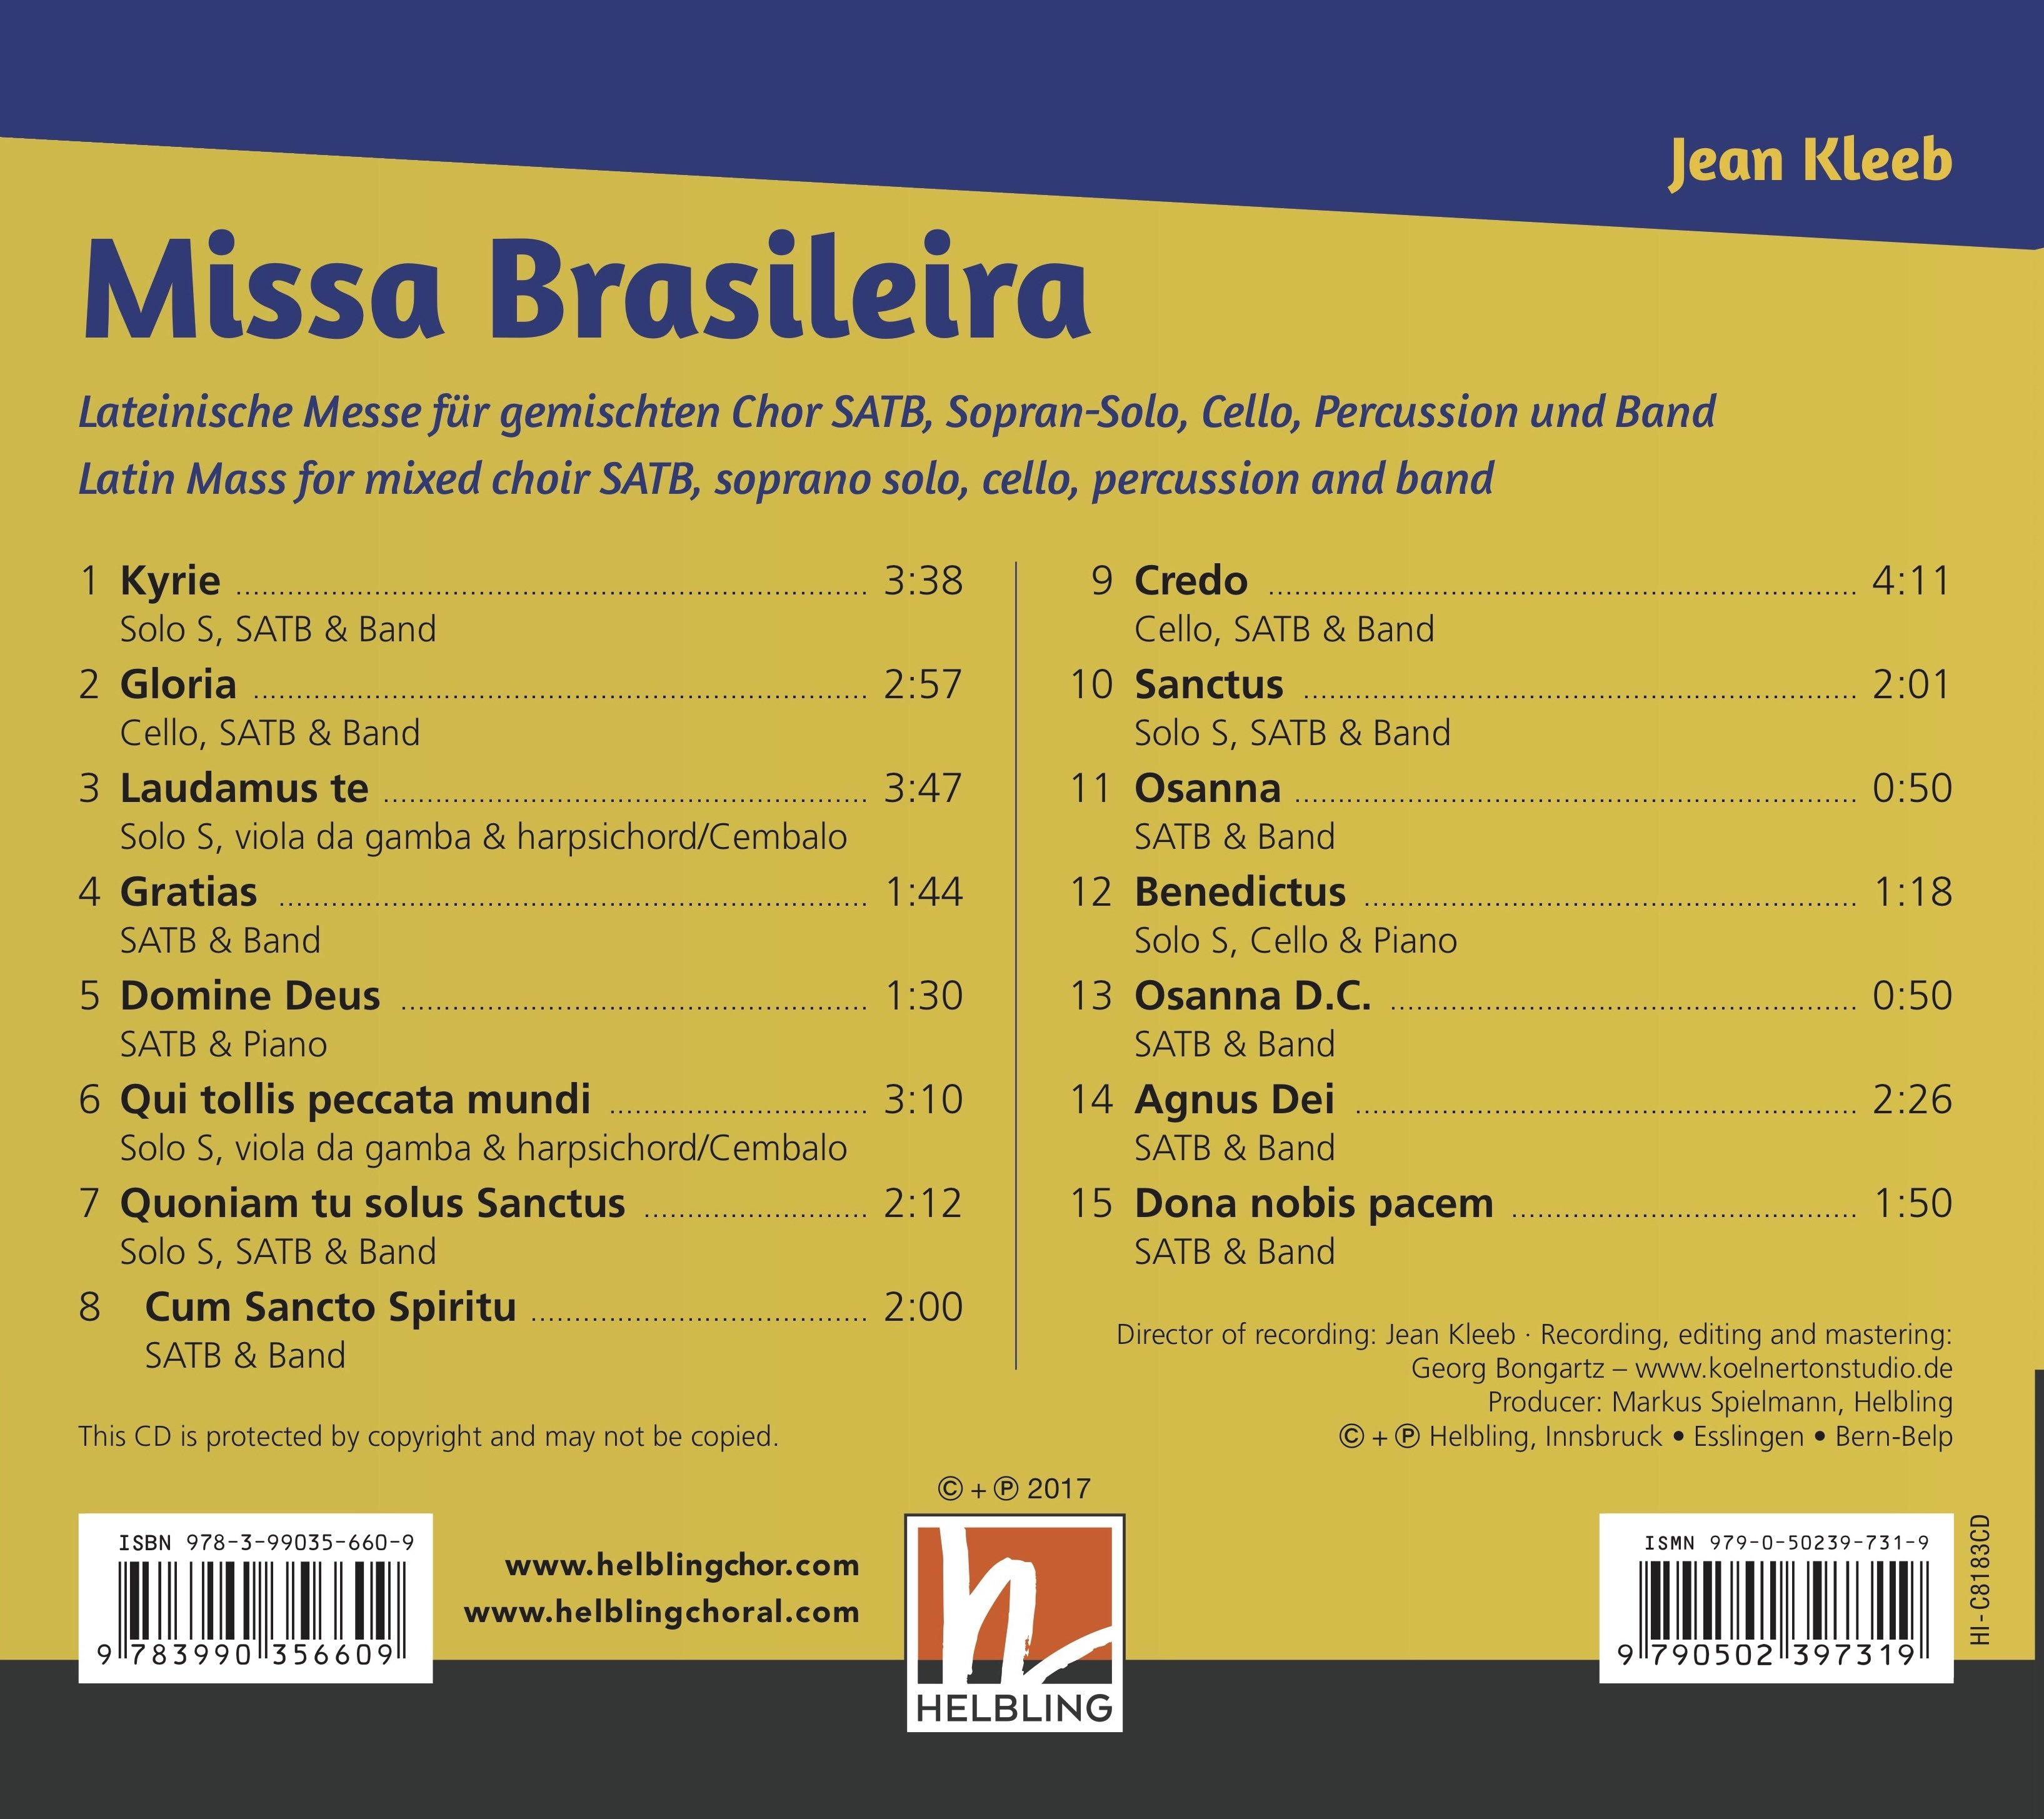 2.Missa_Brasileira.jpg